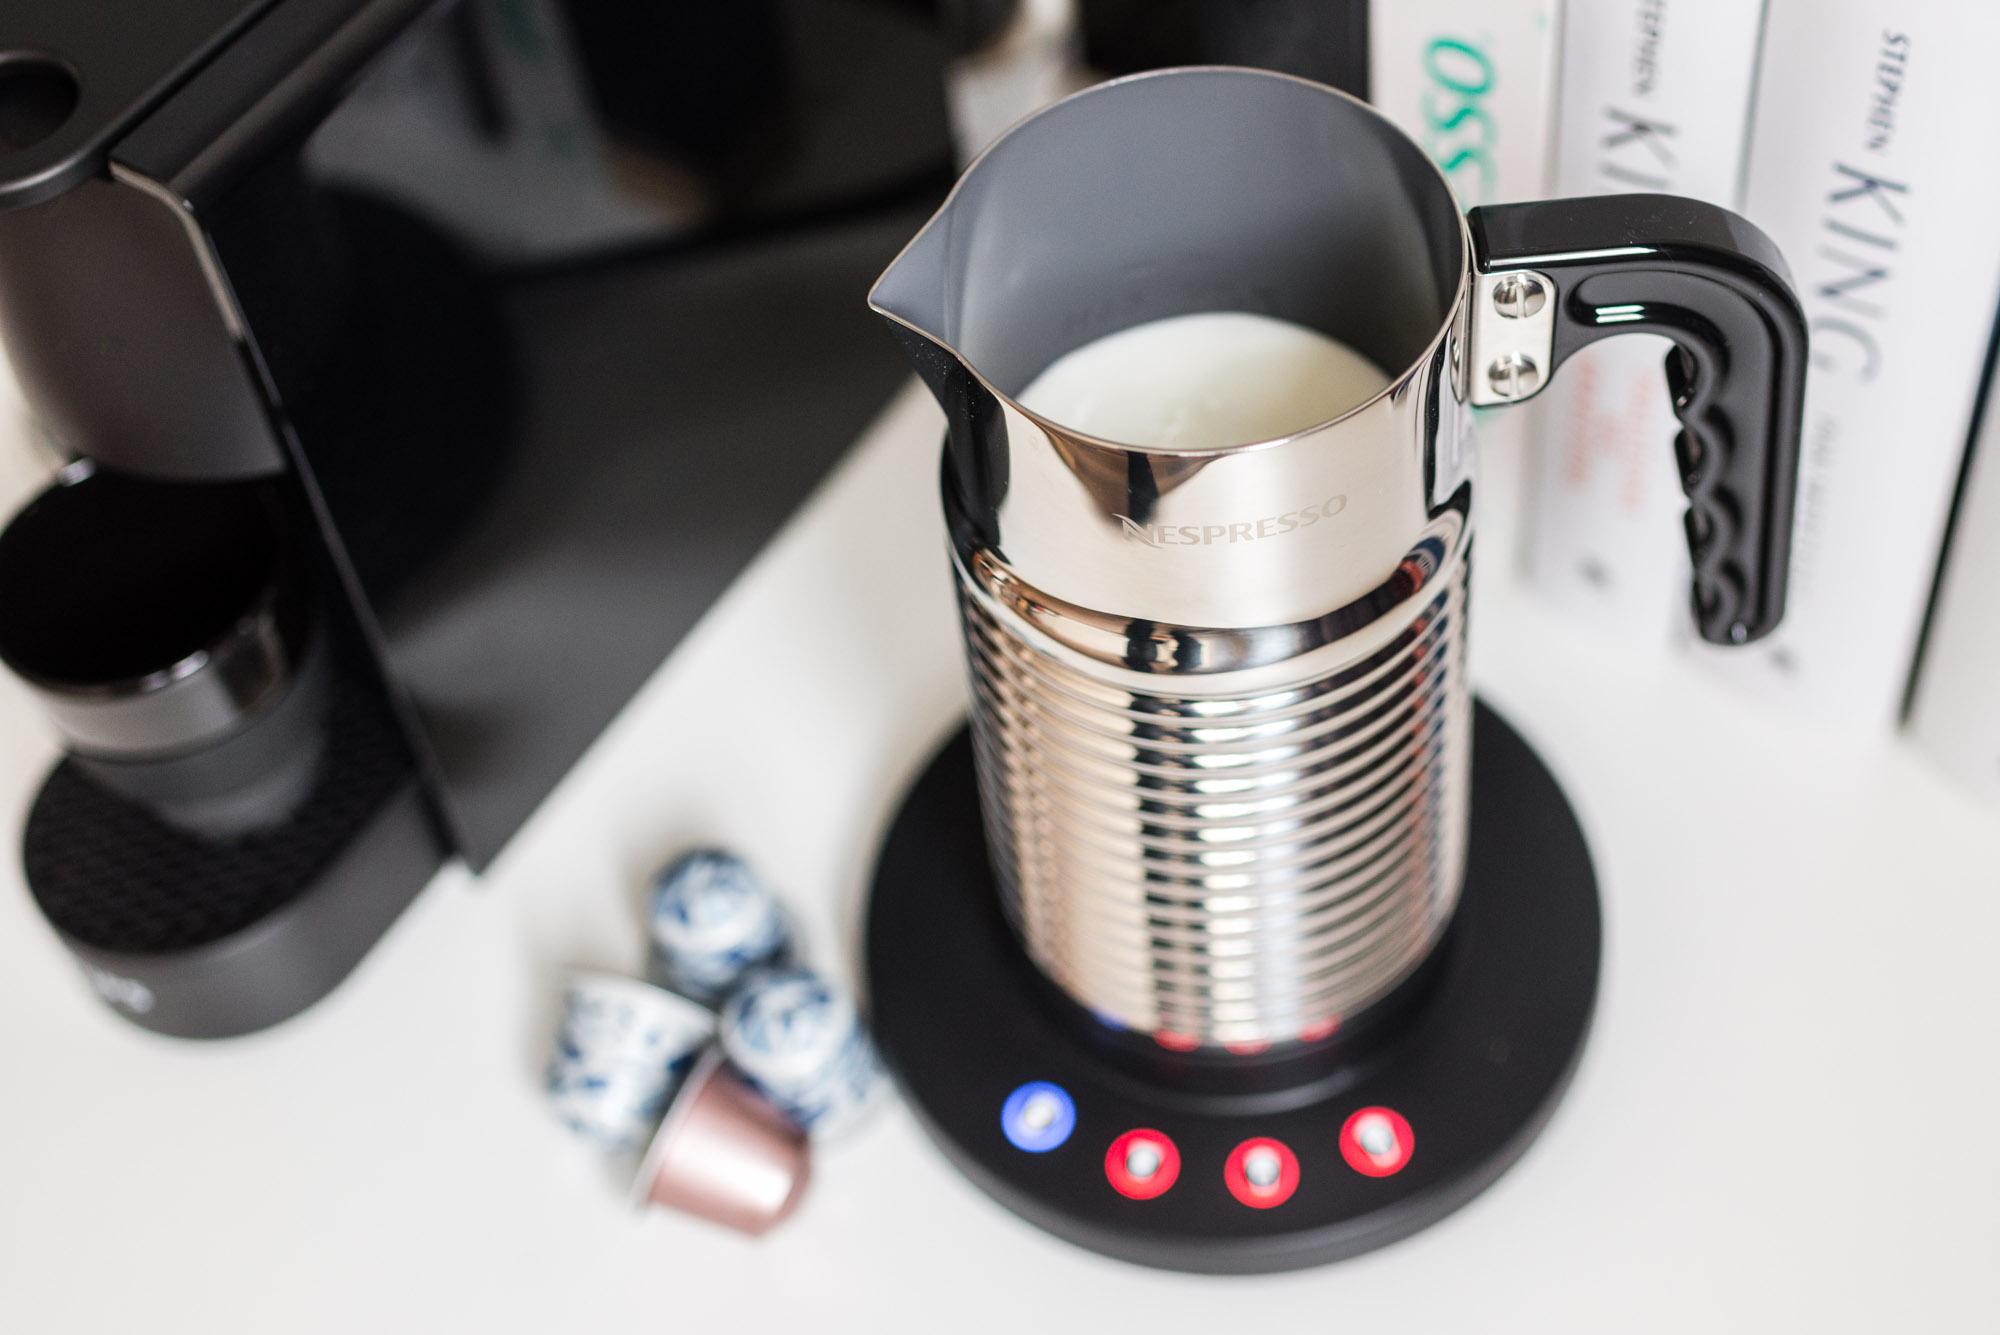 Hemen Nespresso kafe bilduma eta kafe makina berria!